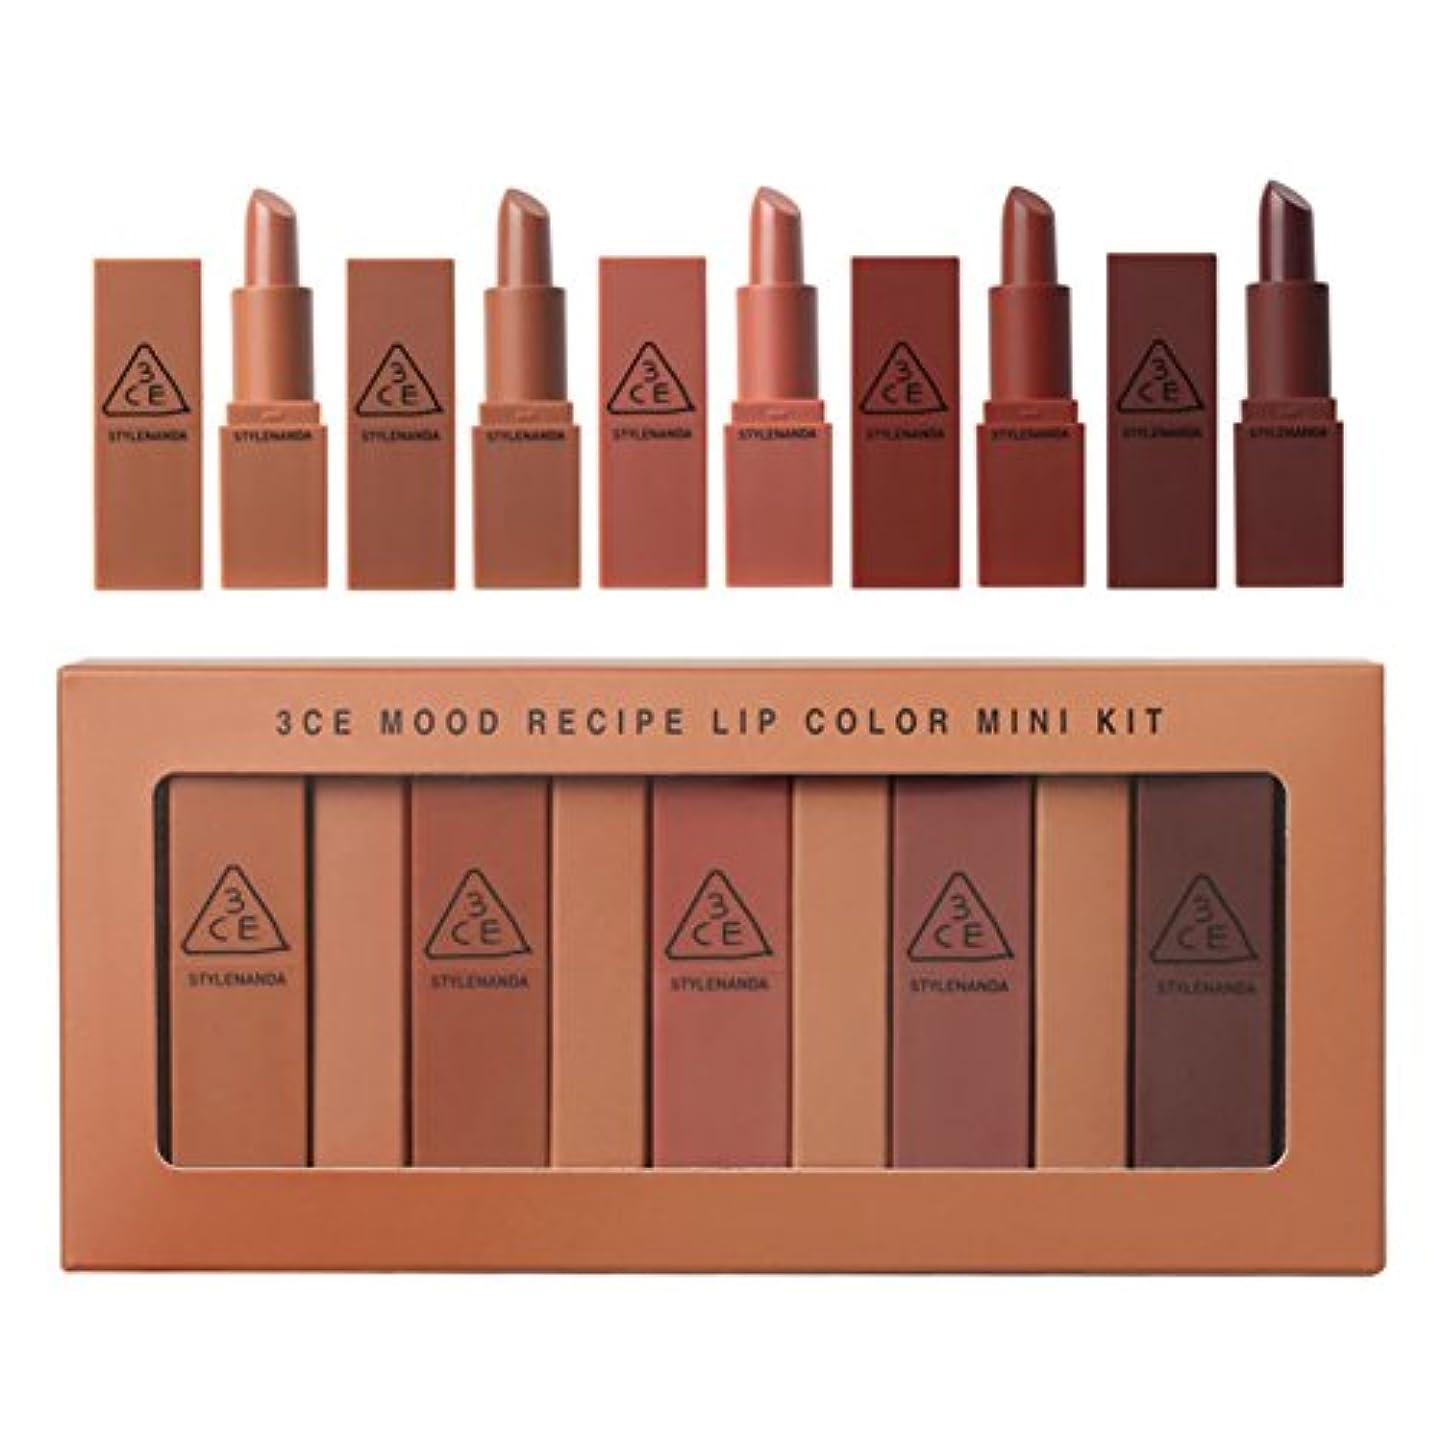 極貧望遠鏡情熱3CE mood recipe lip color mini kit 3CE ムードレシピ リップ カラー ミニ キット[並行輸入品]